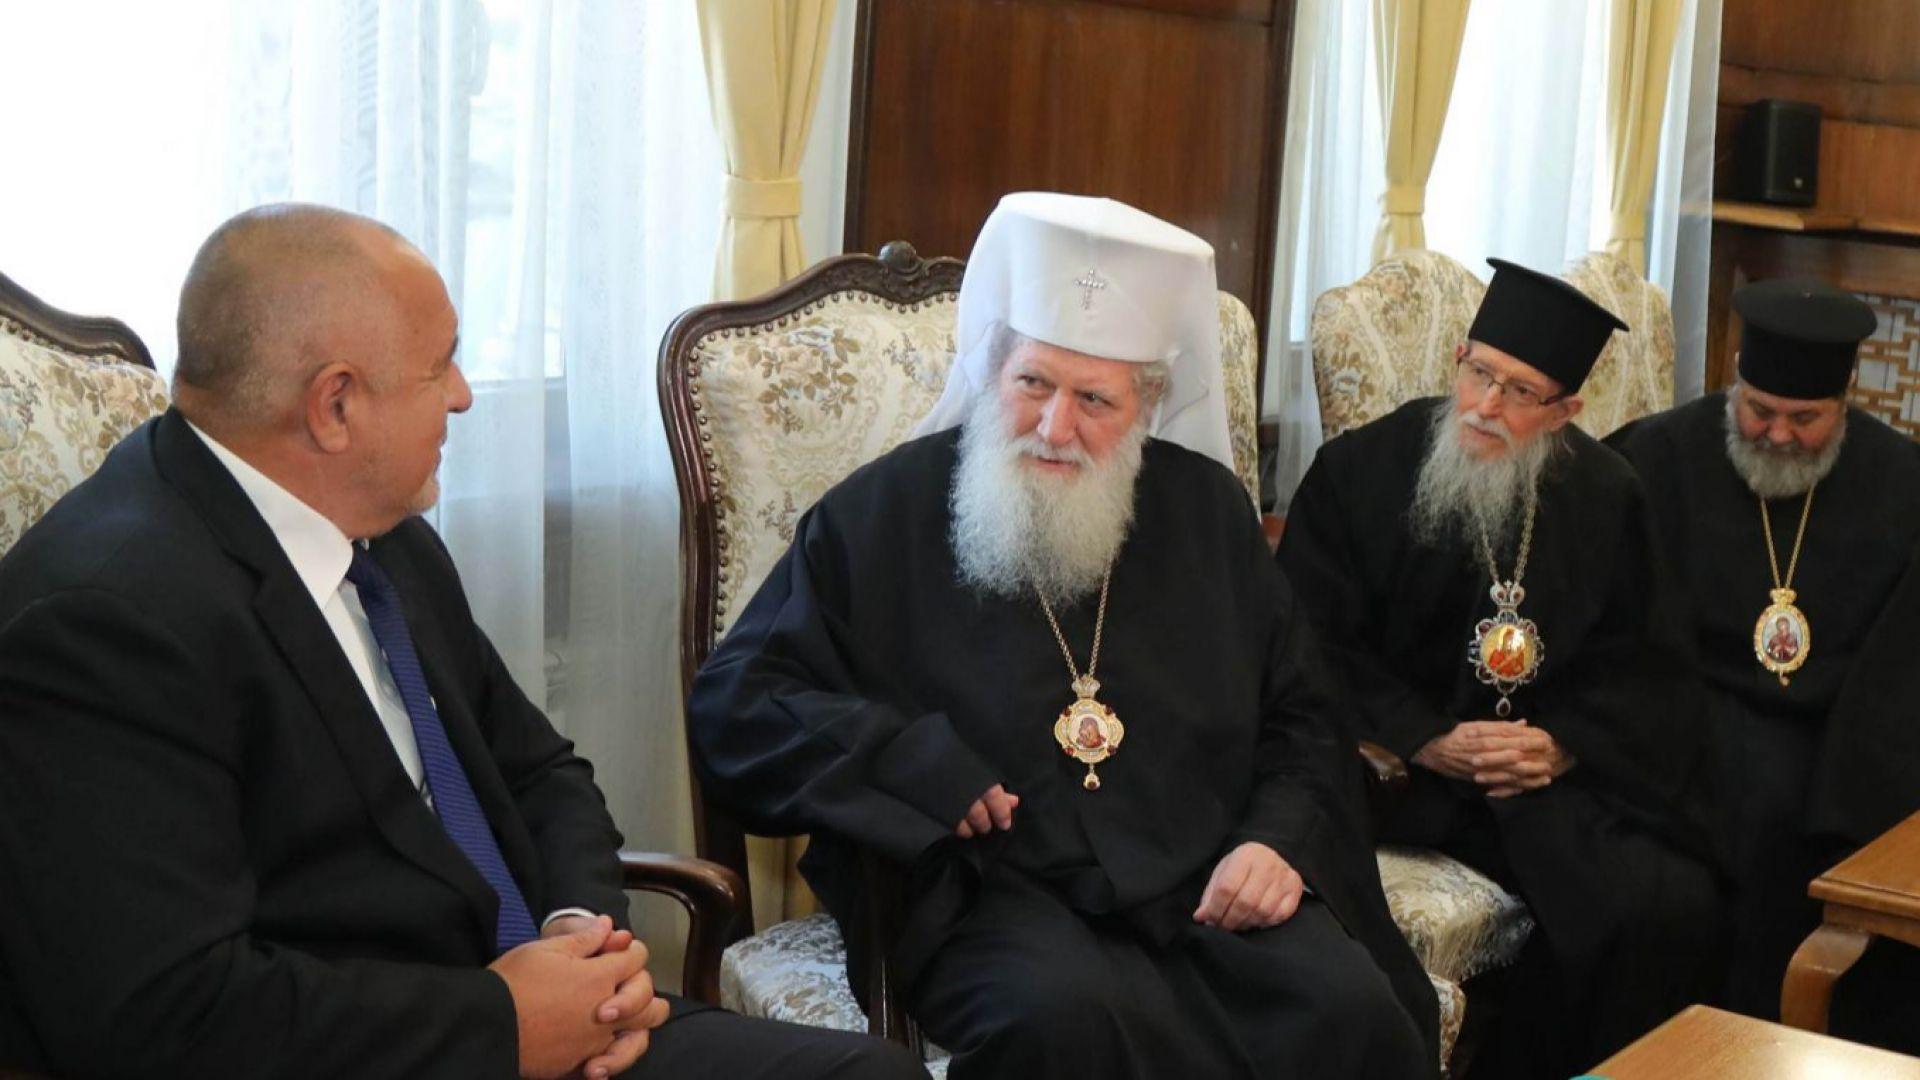 Борисов поздрави патриарха за рождения ден: Бъдете все така търпелив